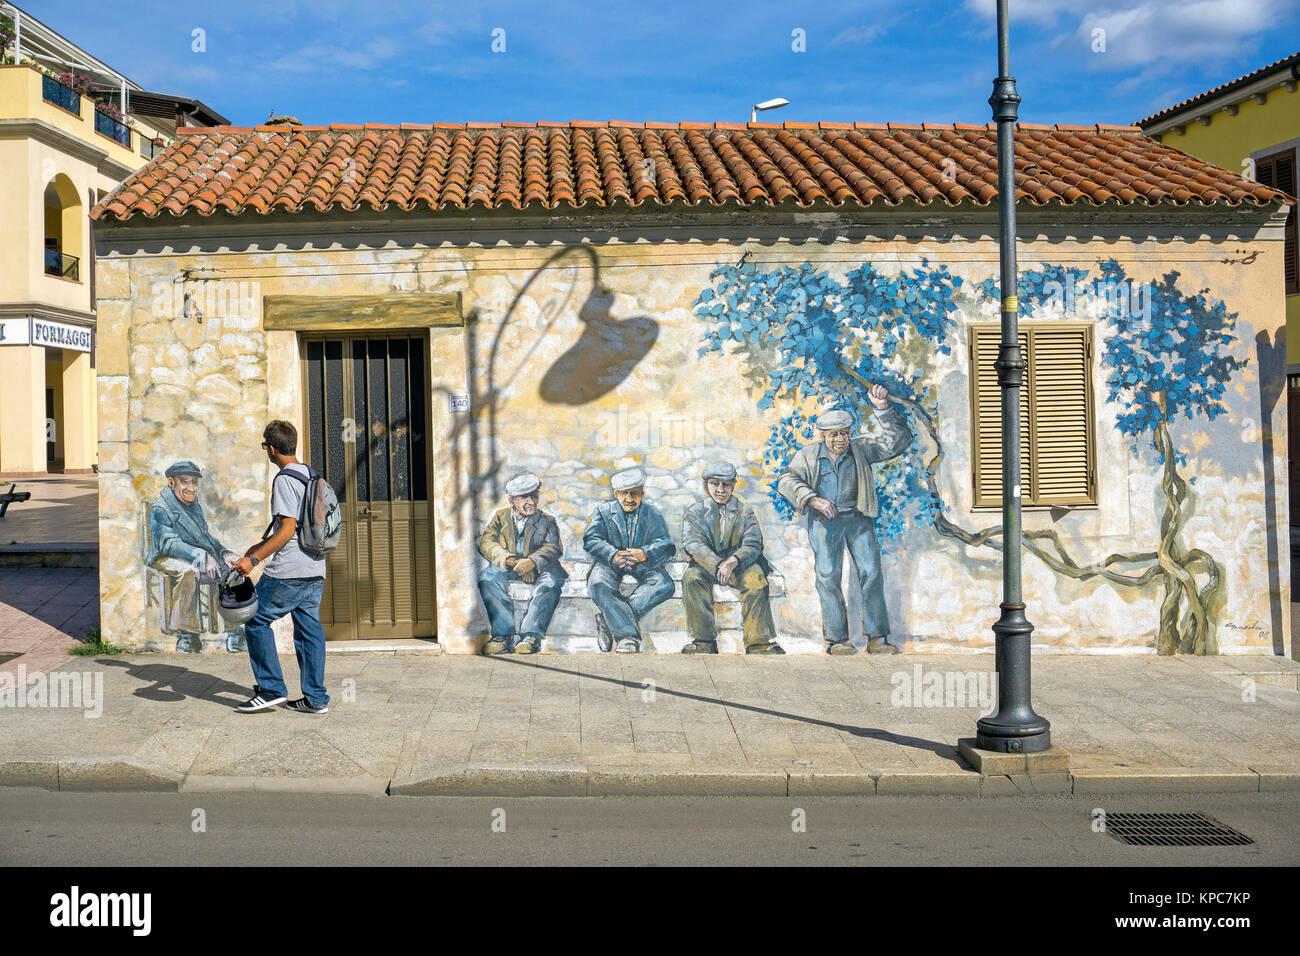 Murals Wall Painting At Palau Costa Smeralda Sardinia Italy